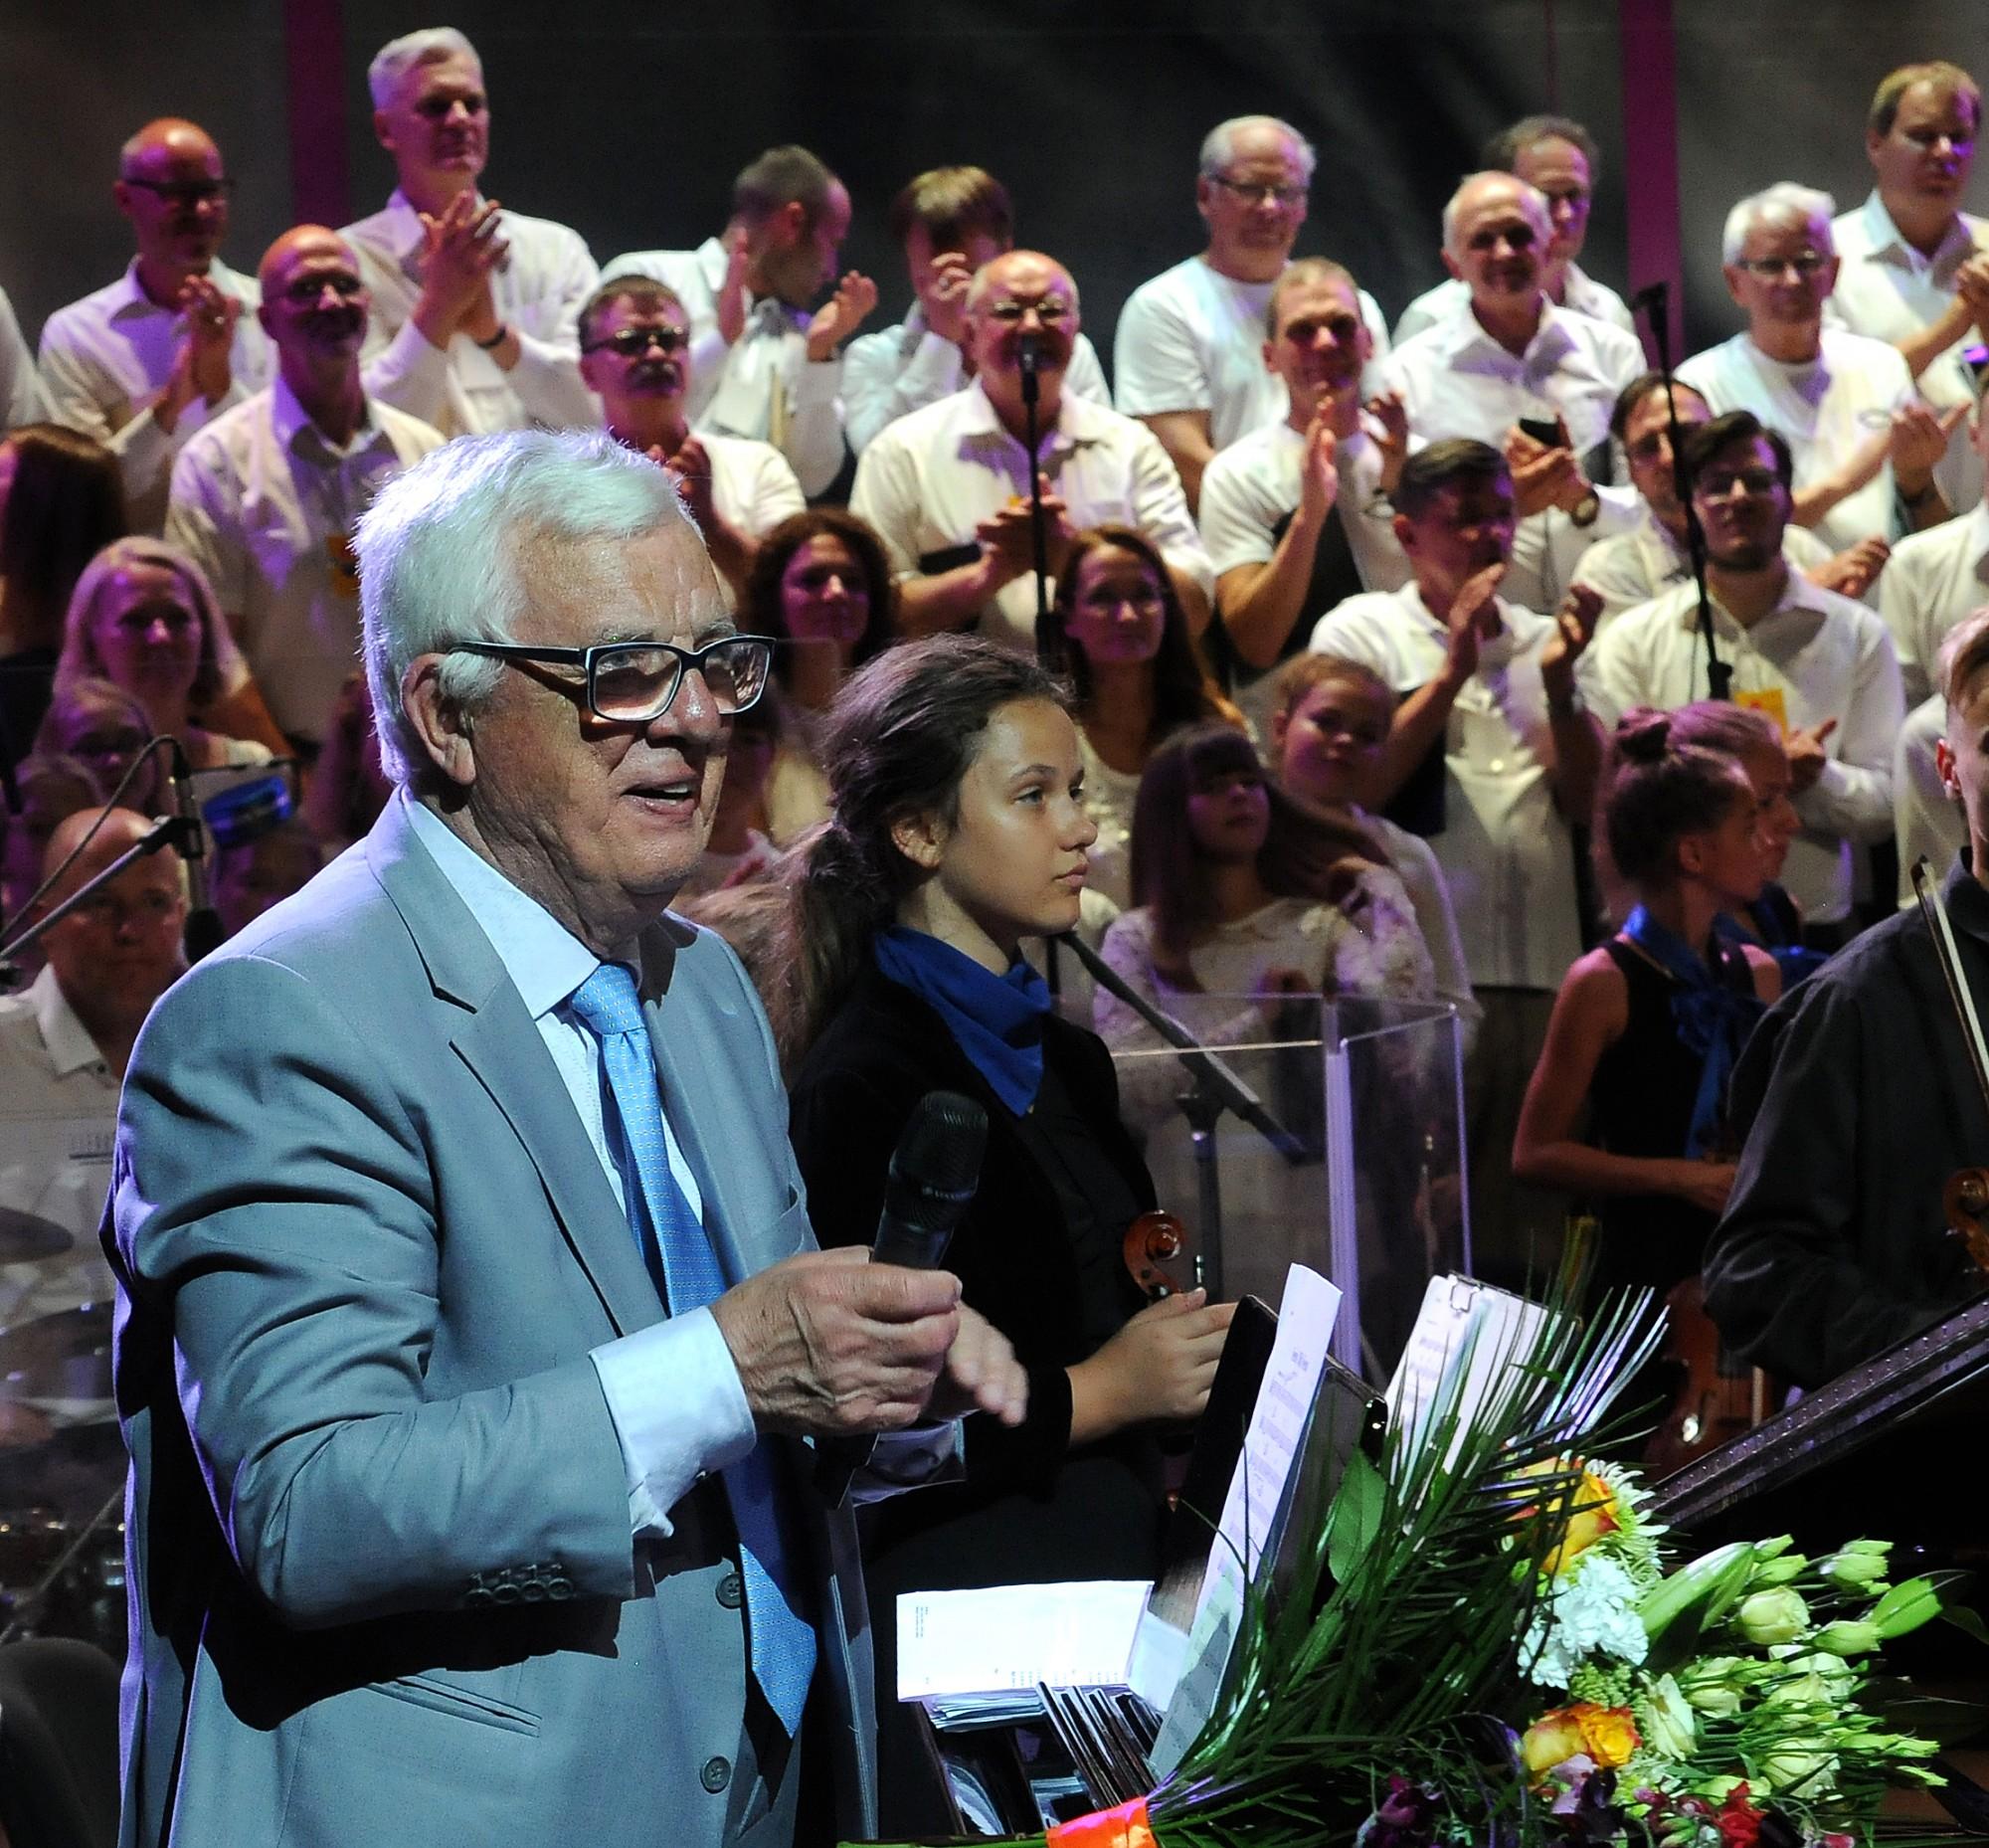 Ikara svētkus Priekulē nosvin kopā ar Raimondu Paulu